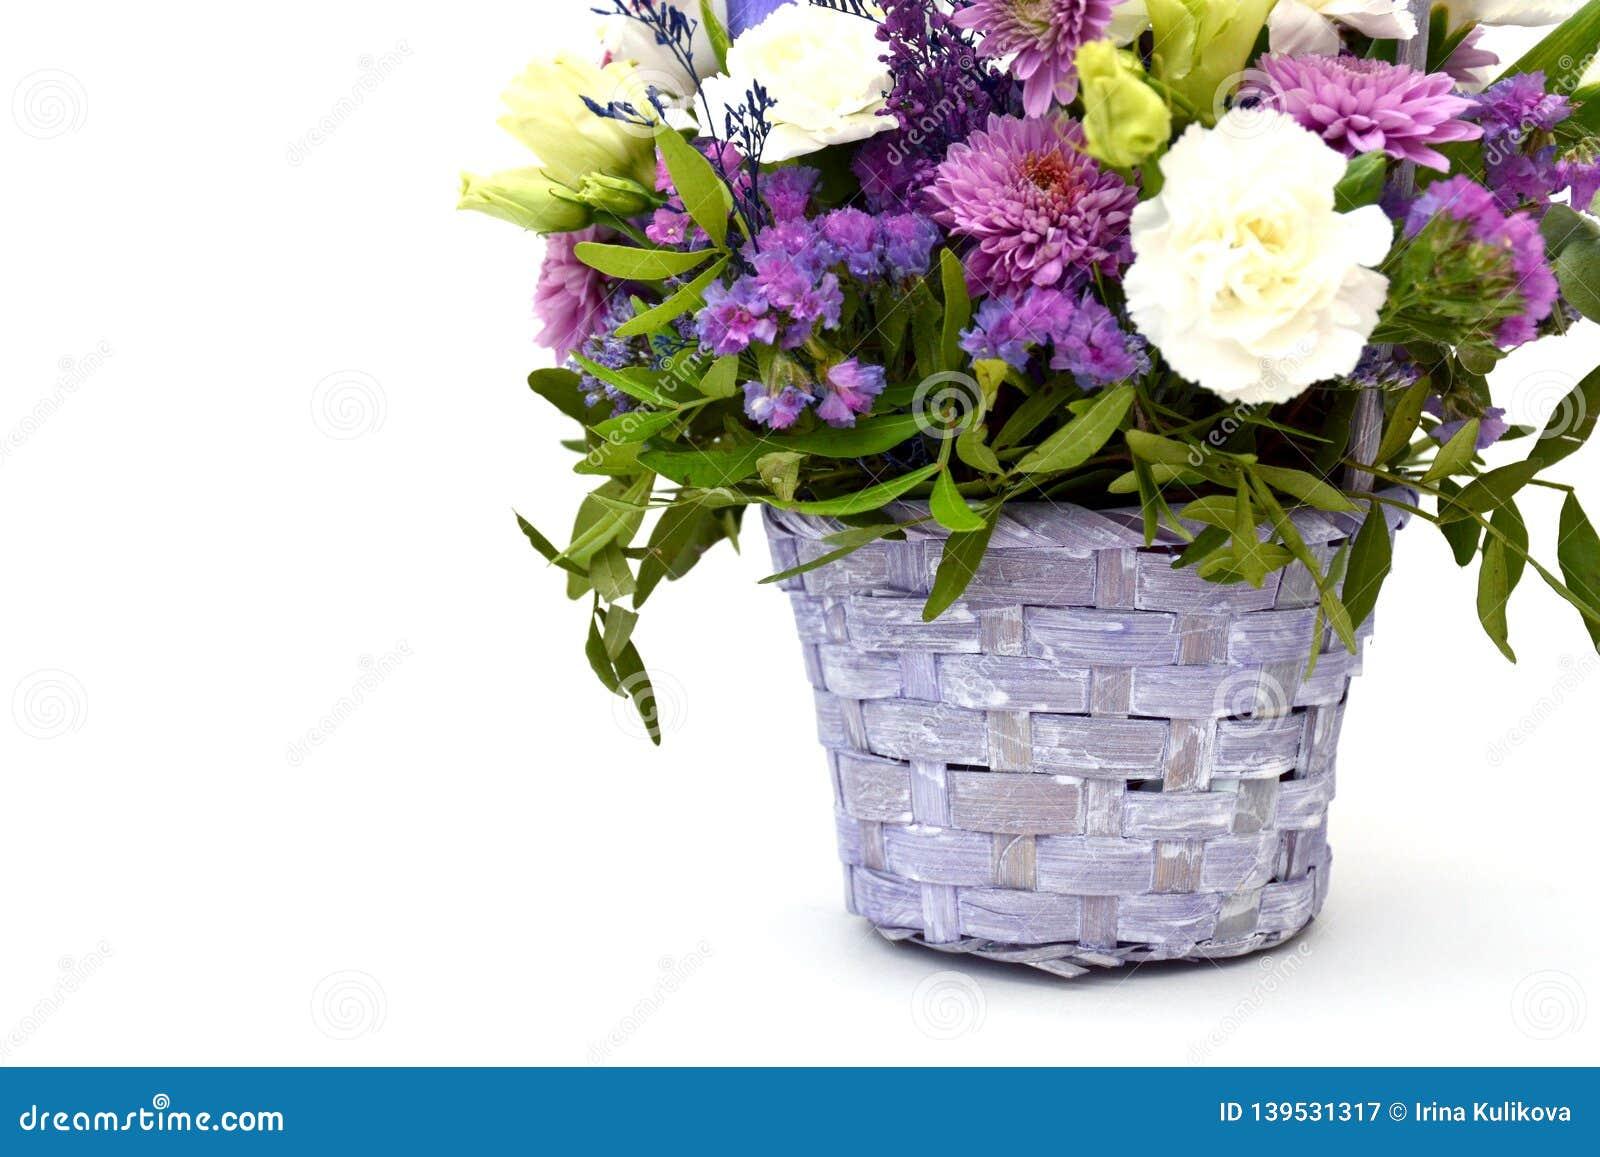 Ramalhete isolado de flores da mola na cesta de madeira de vime decorativa de flores lilás e roxas em um fundo branco